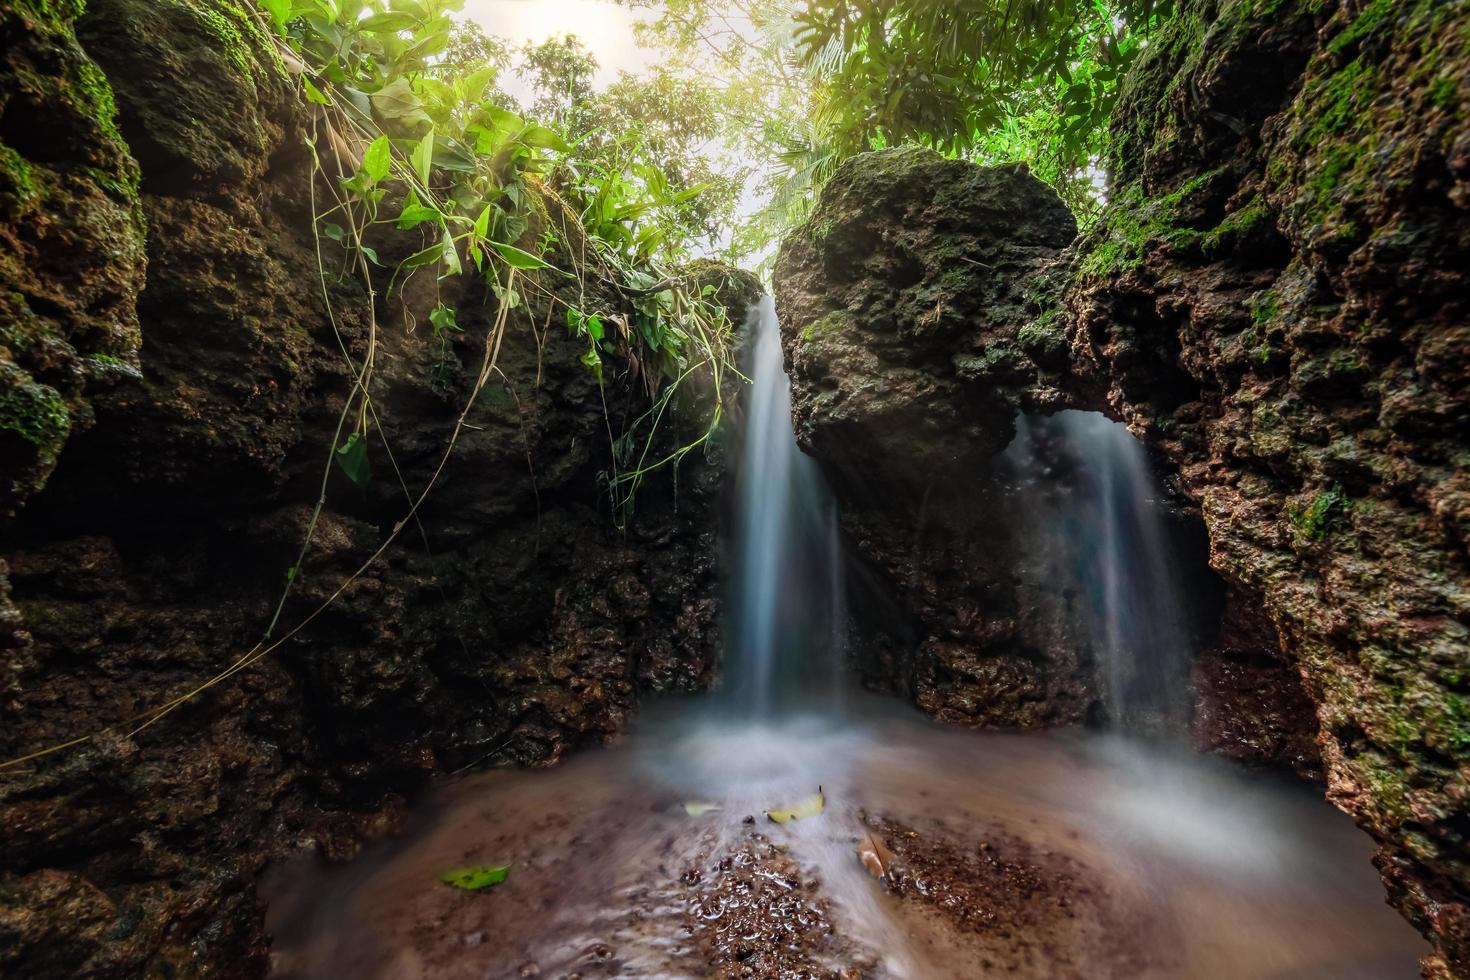 cascade dans les bois de thaïlande photo